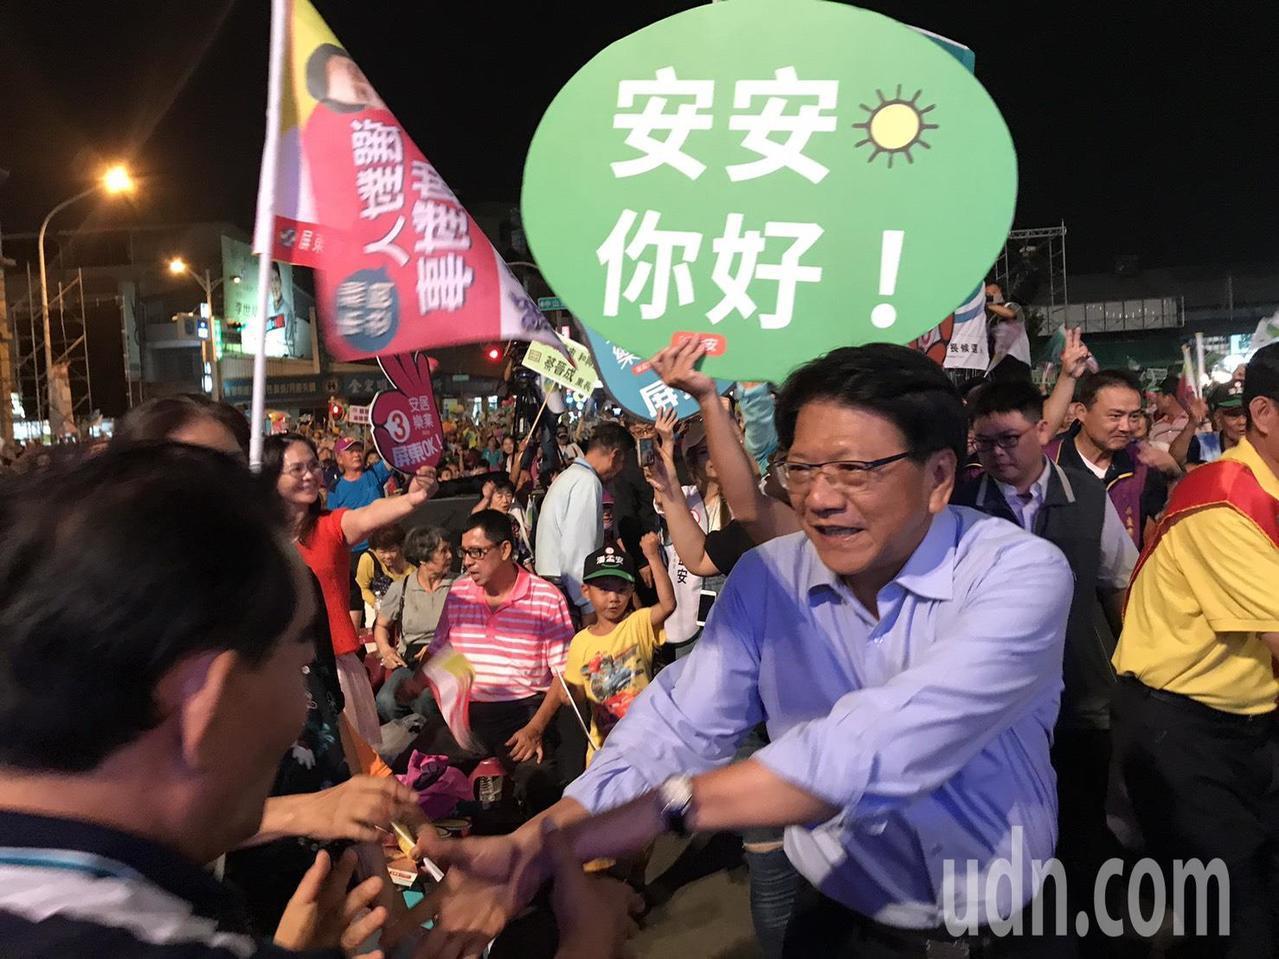 民進黨屏東縣長候選人潘孟安6點20分在民眾歡呼聲中進場。記者蔣繼平/翻攝